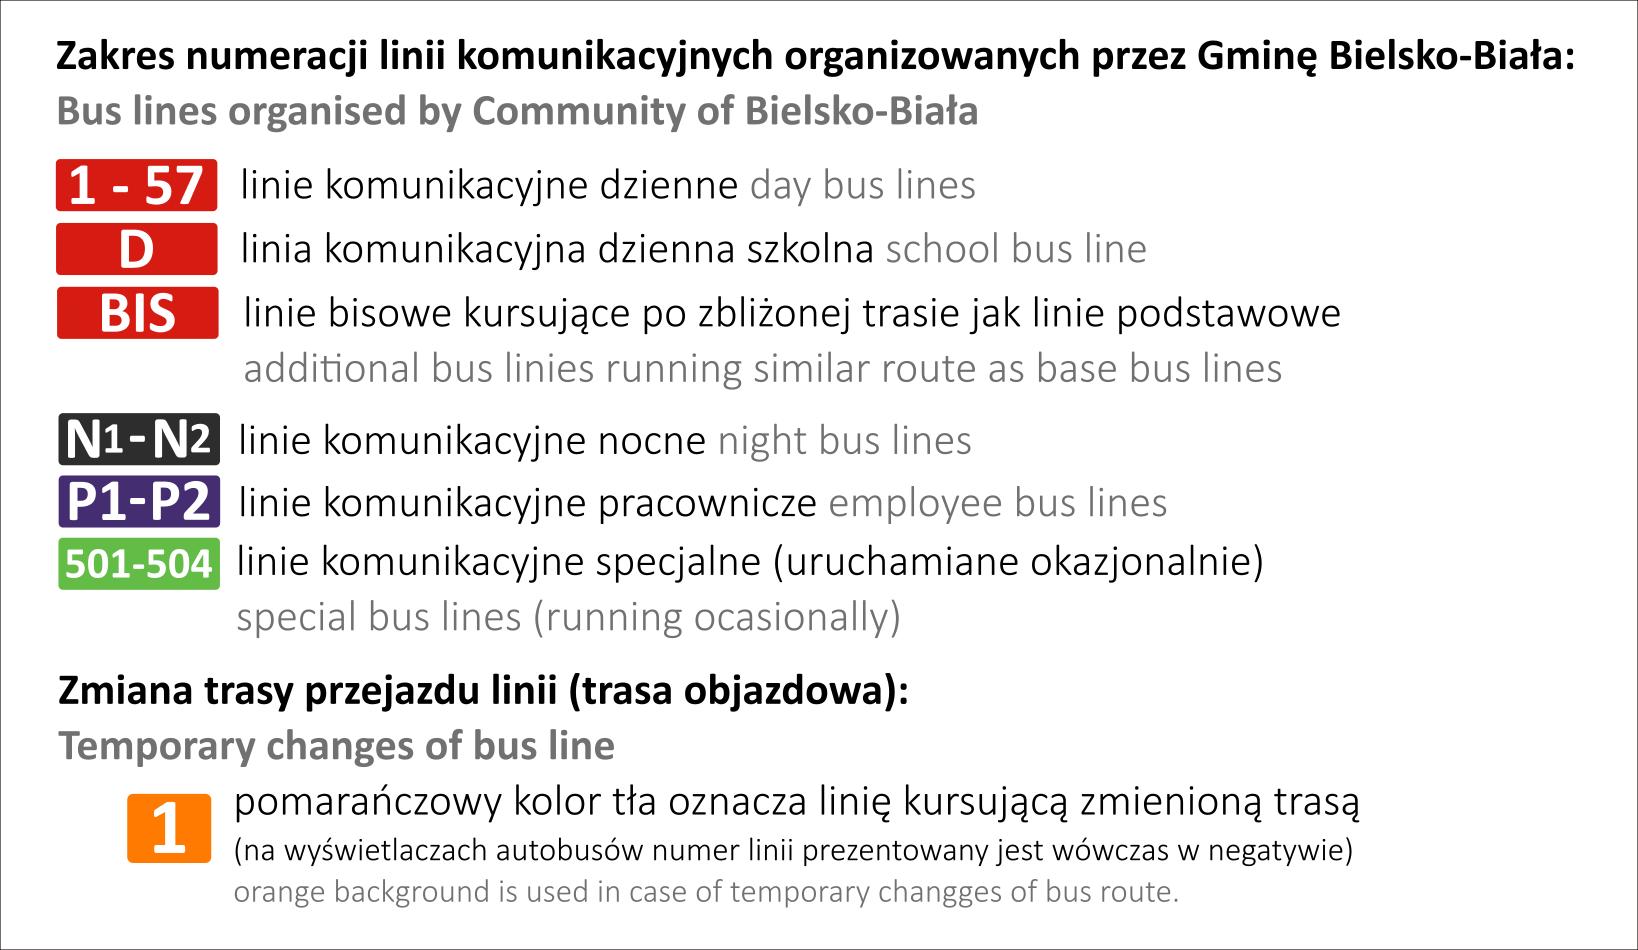 numeracja linii komunikacyjnych